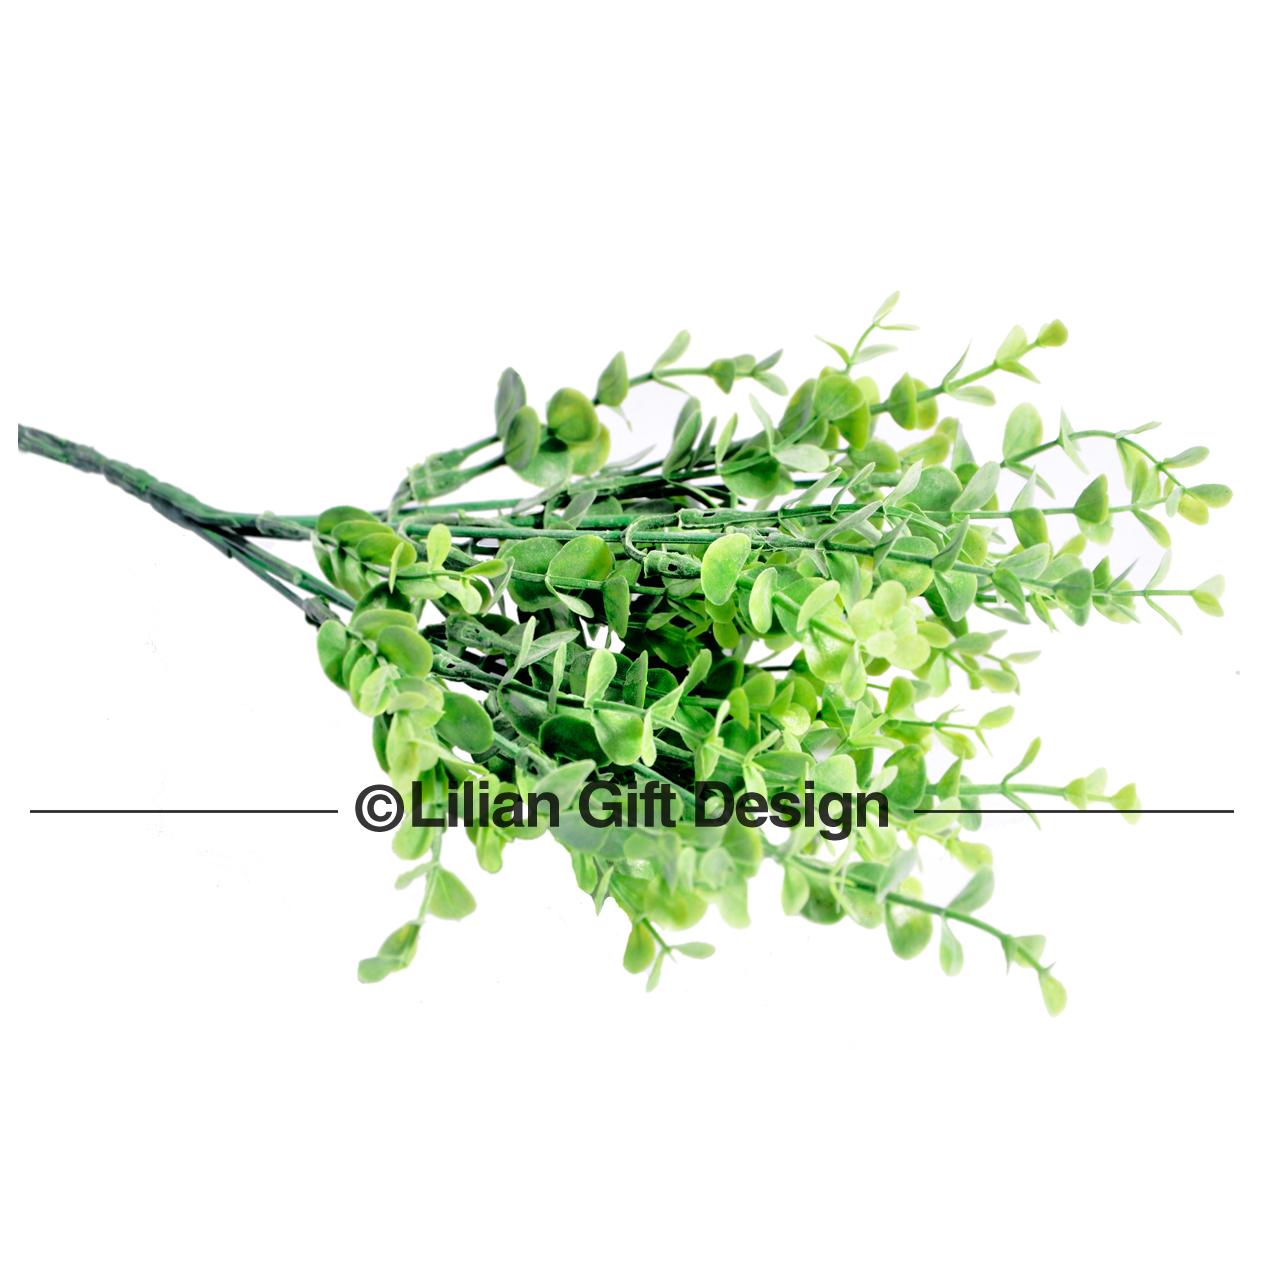 Planta artificial 7 galho 32cm